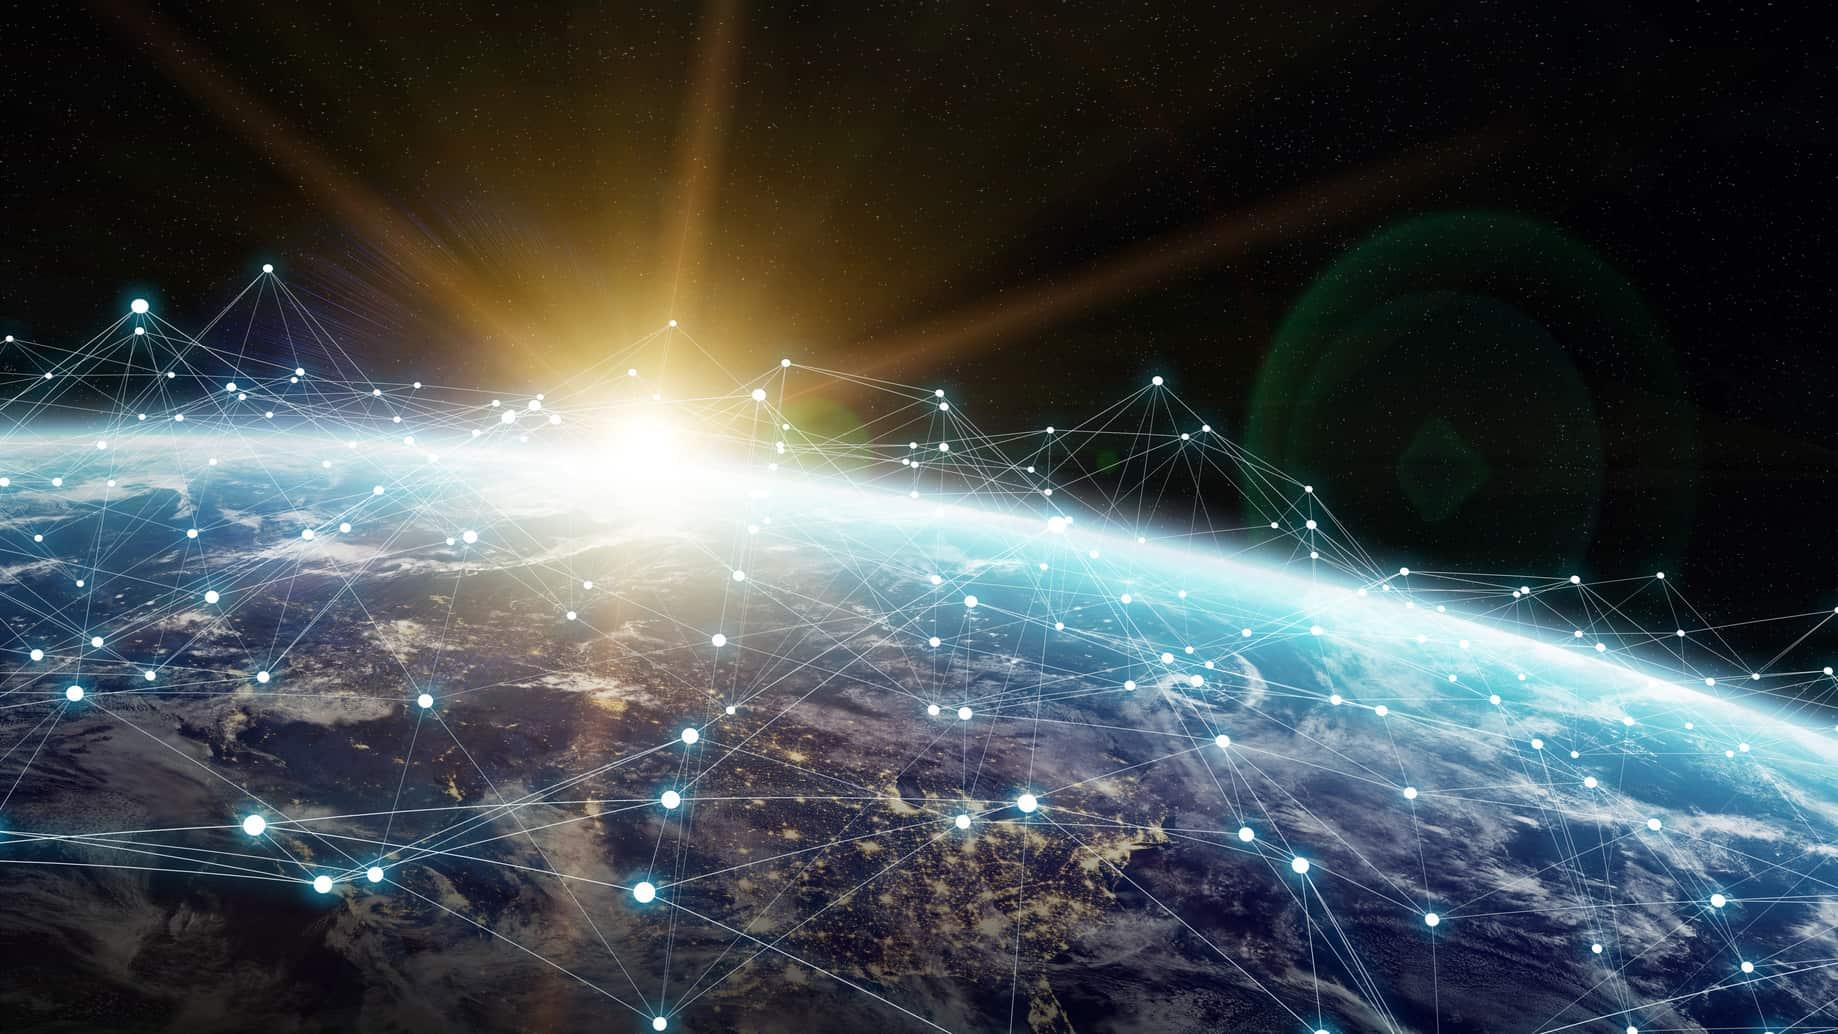 El principal cambio regulatorio que se dio en México fue la resolución de la SCJN para que AMX pueda cobrar tarifas de interconexión.